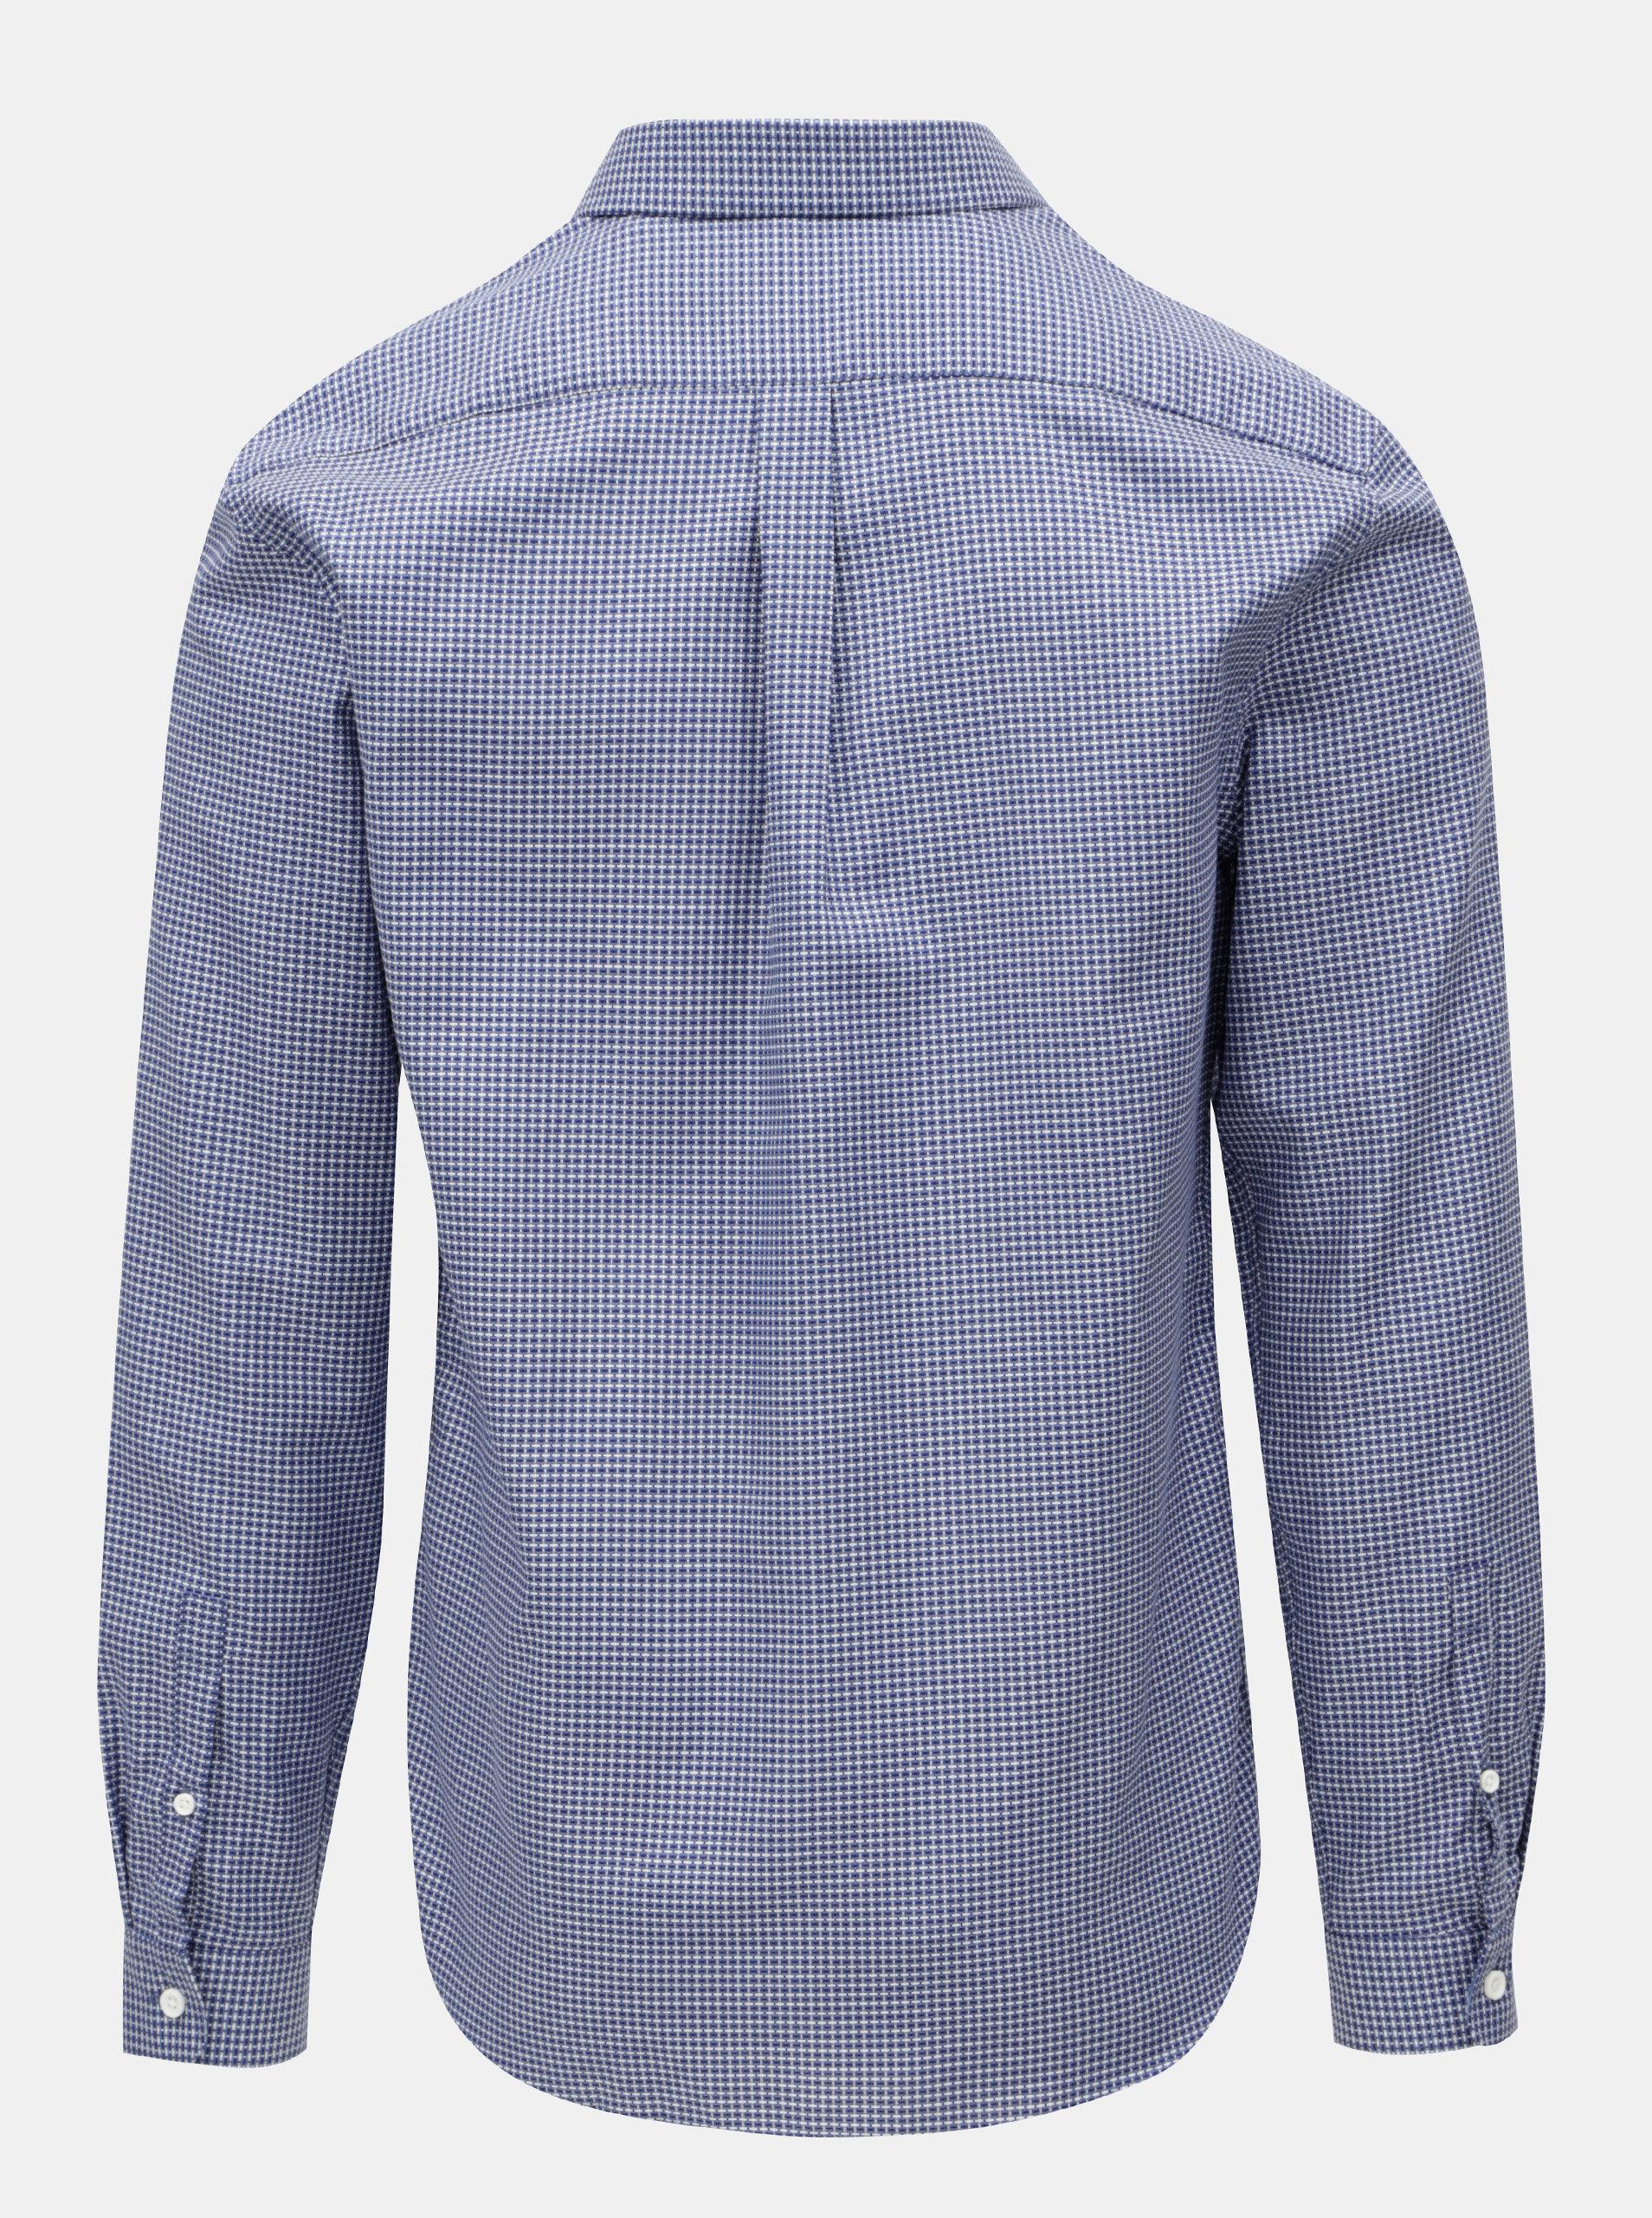 Bílo-modrá vzorovaná košile Lindbergh ... b7952971aa